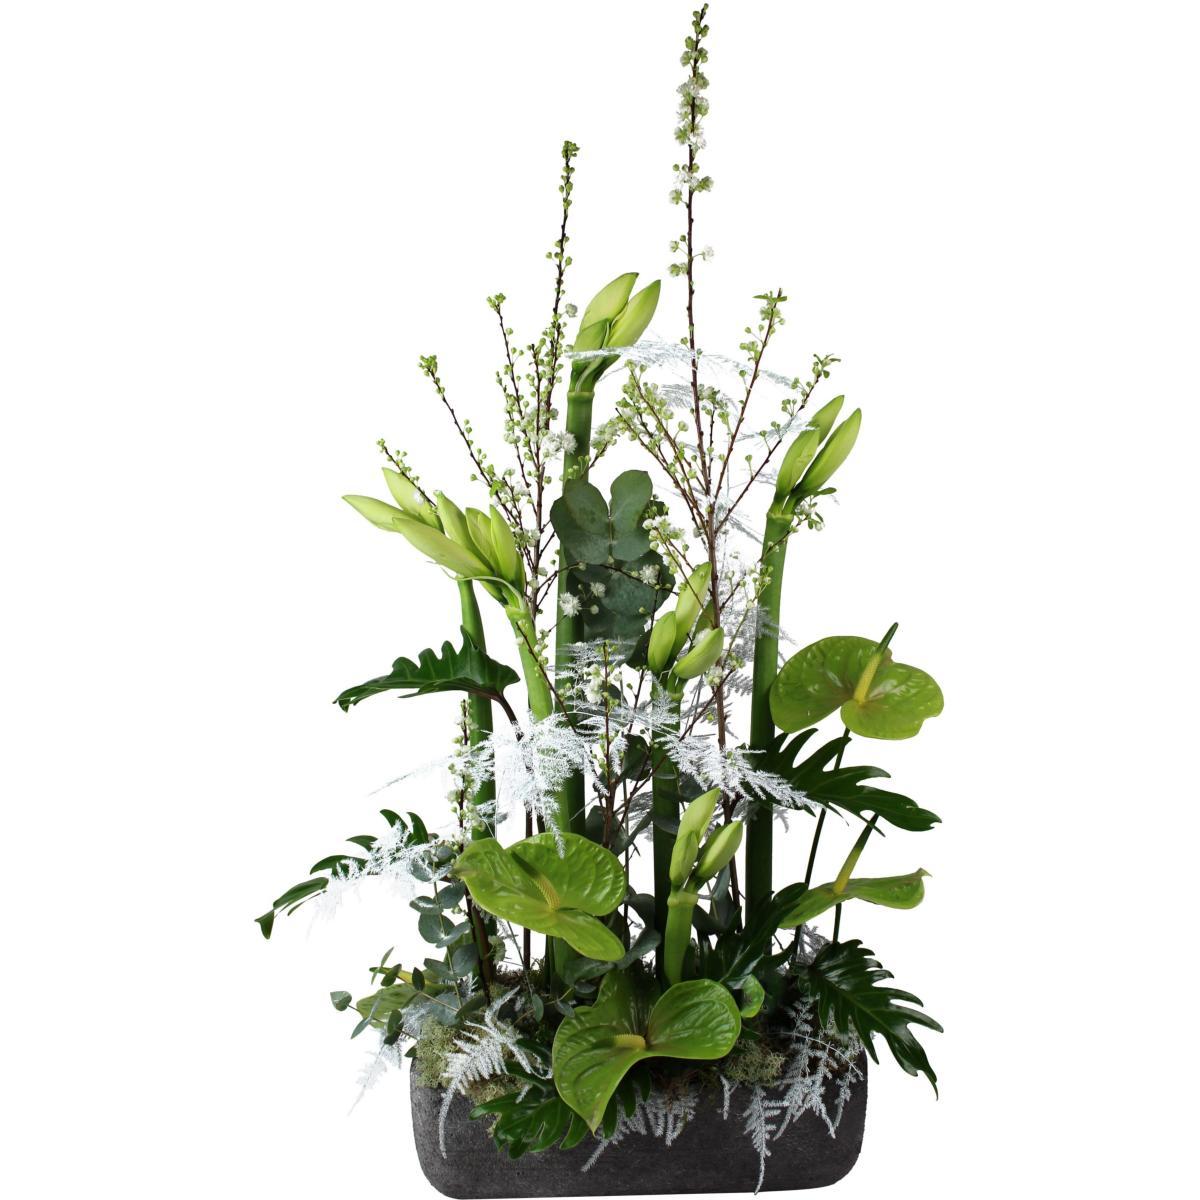 la fontaine fleurie composition de fleurs exotique moderne. Black Bedroom Furniture Sets. Home Design Ideas